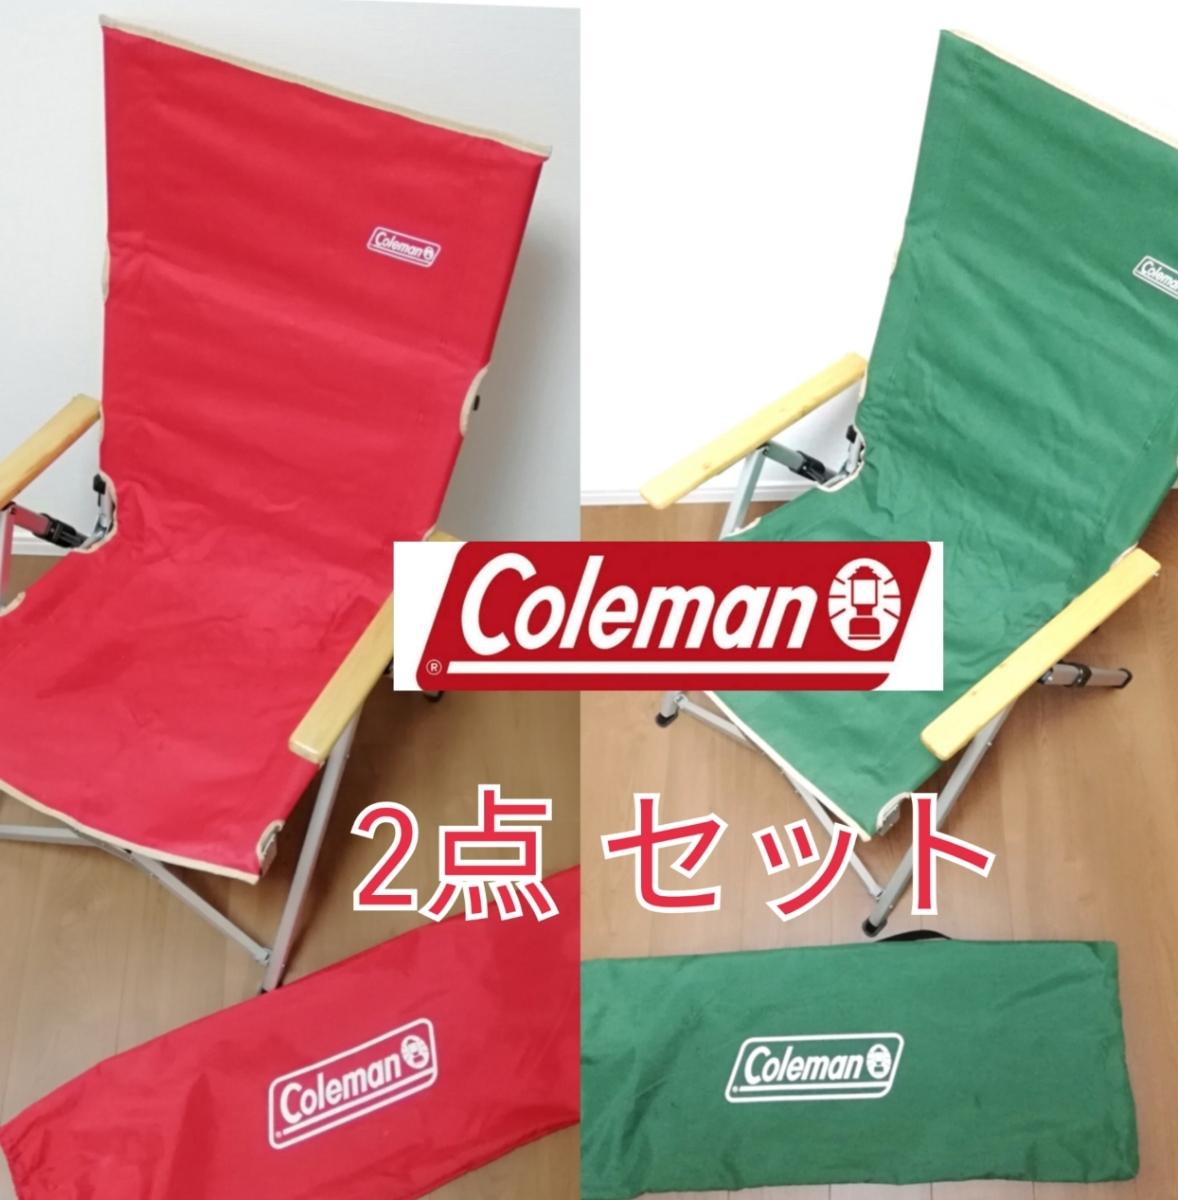 豪華2点セット コールマン レイチェア 赤 緑 3段階リクライニング式